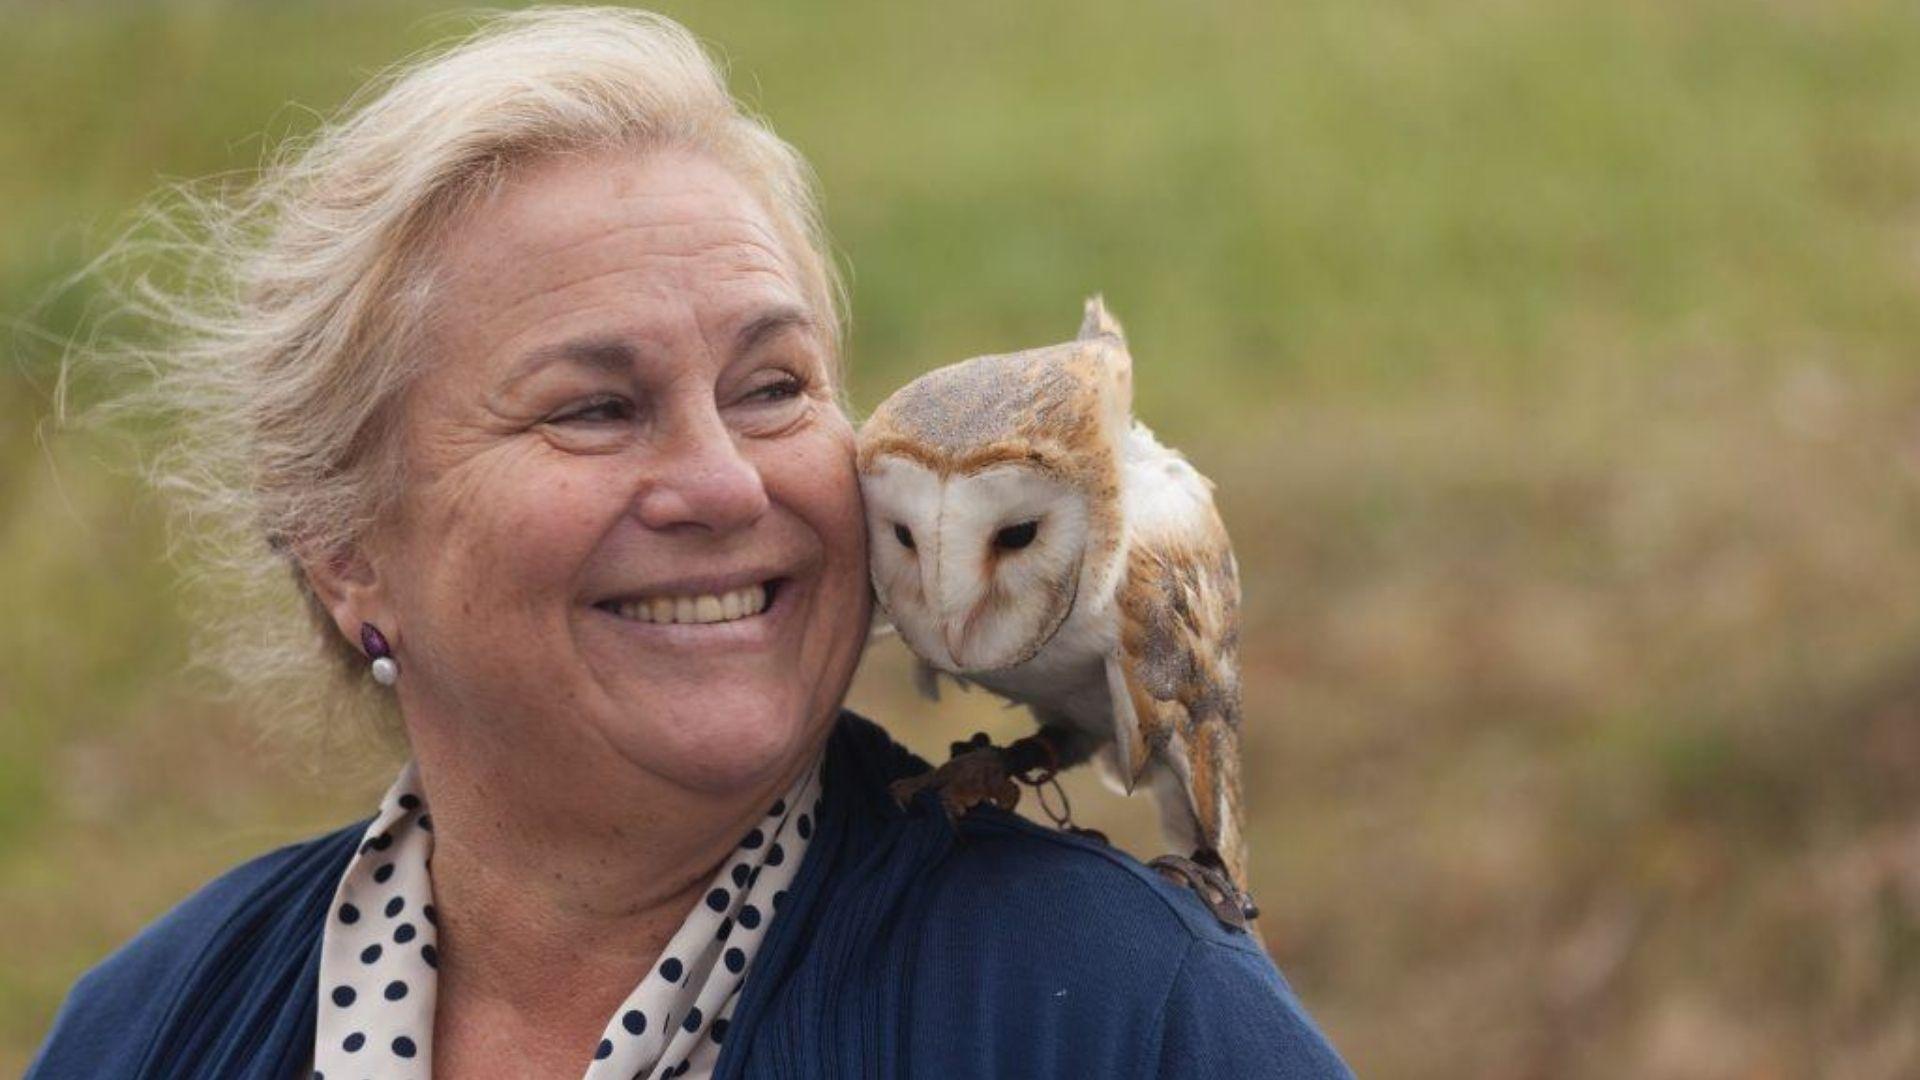 Las imágenes de la visita real a La Vega.Inma Adeba Vallina, premio Mujer Rural 2020 que concede la Red Asturiana de Desarrollo Rural (Reader), con su lechuza «Caruso»